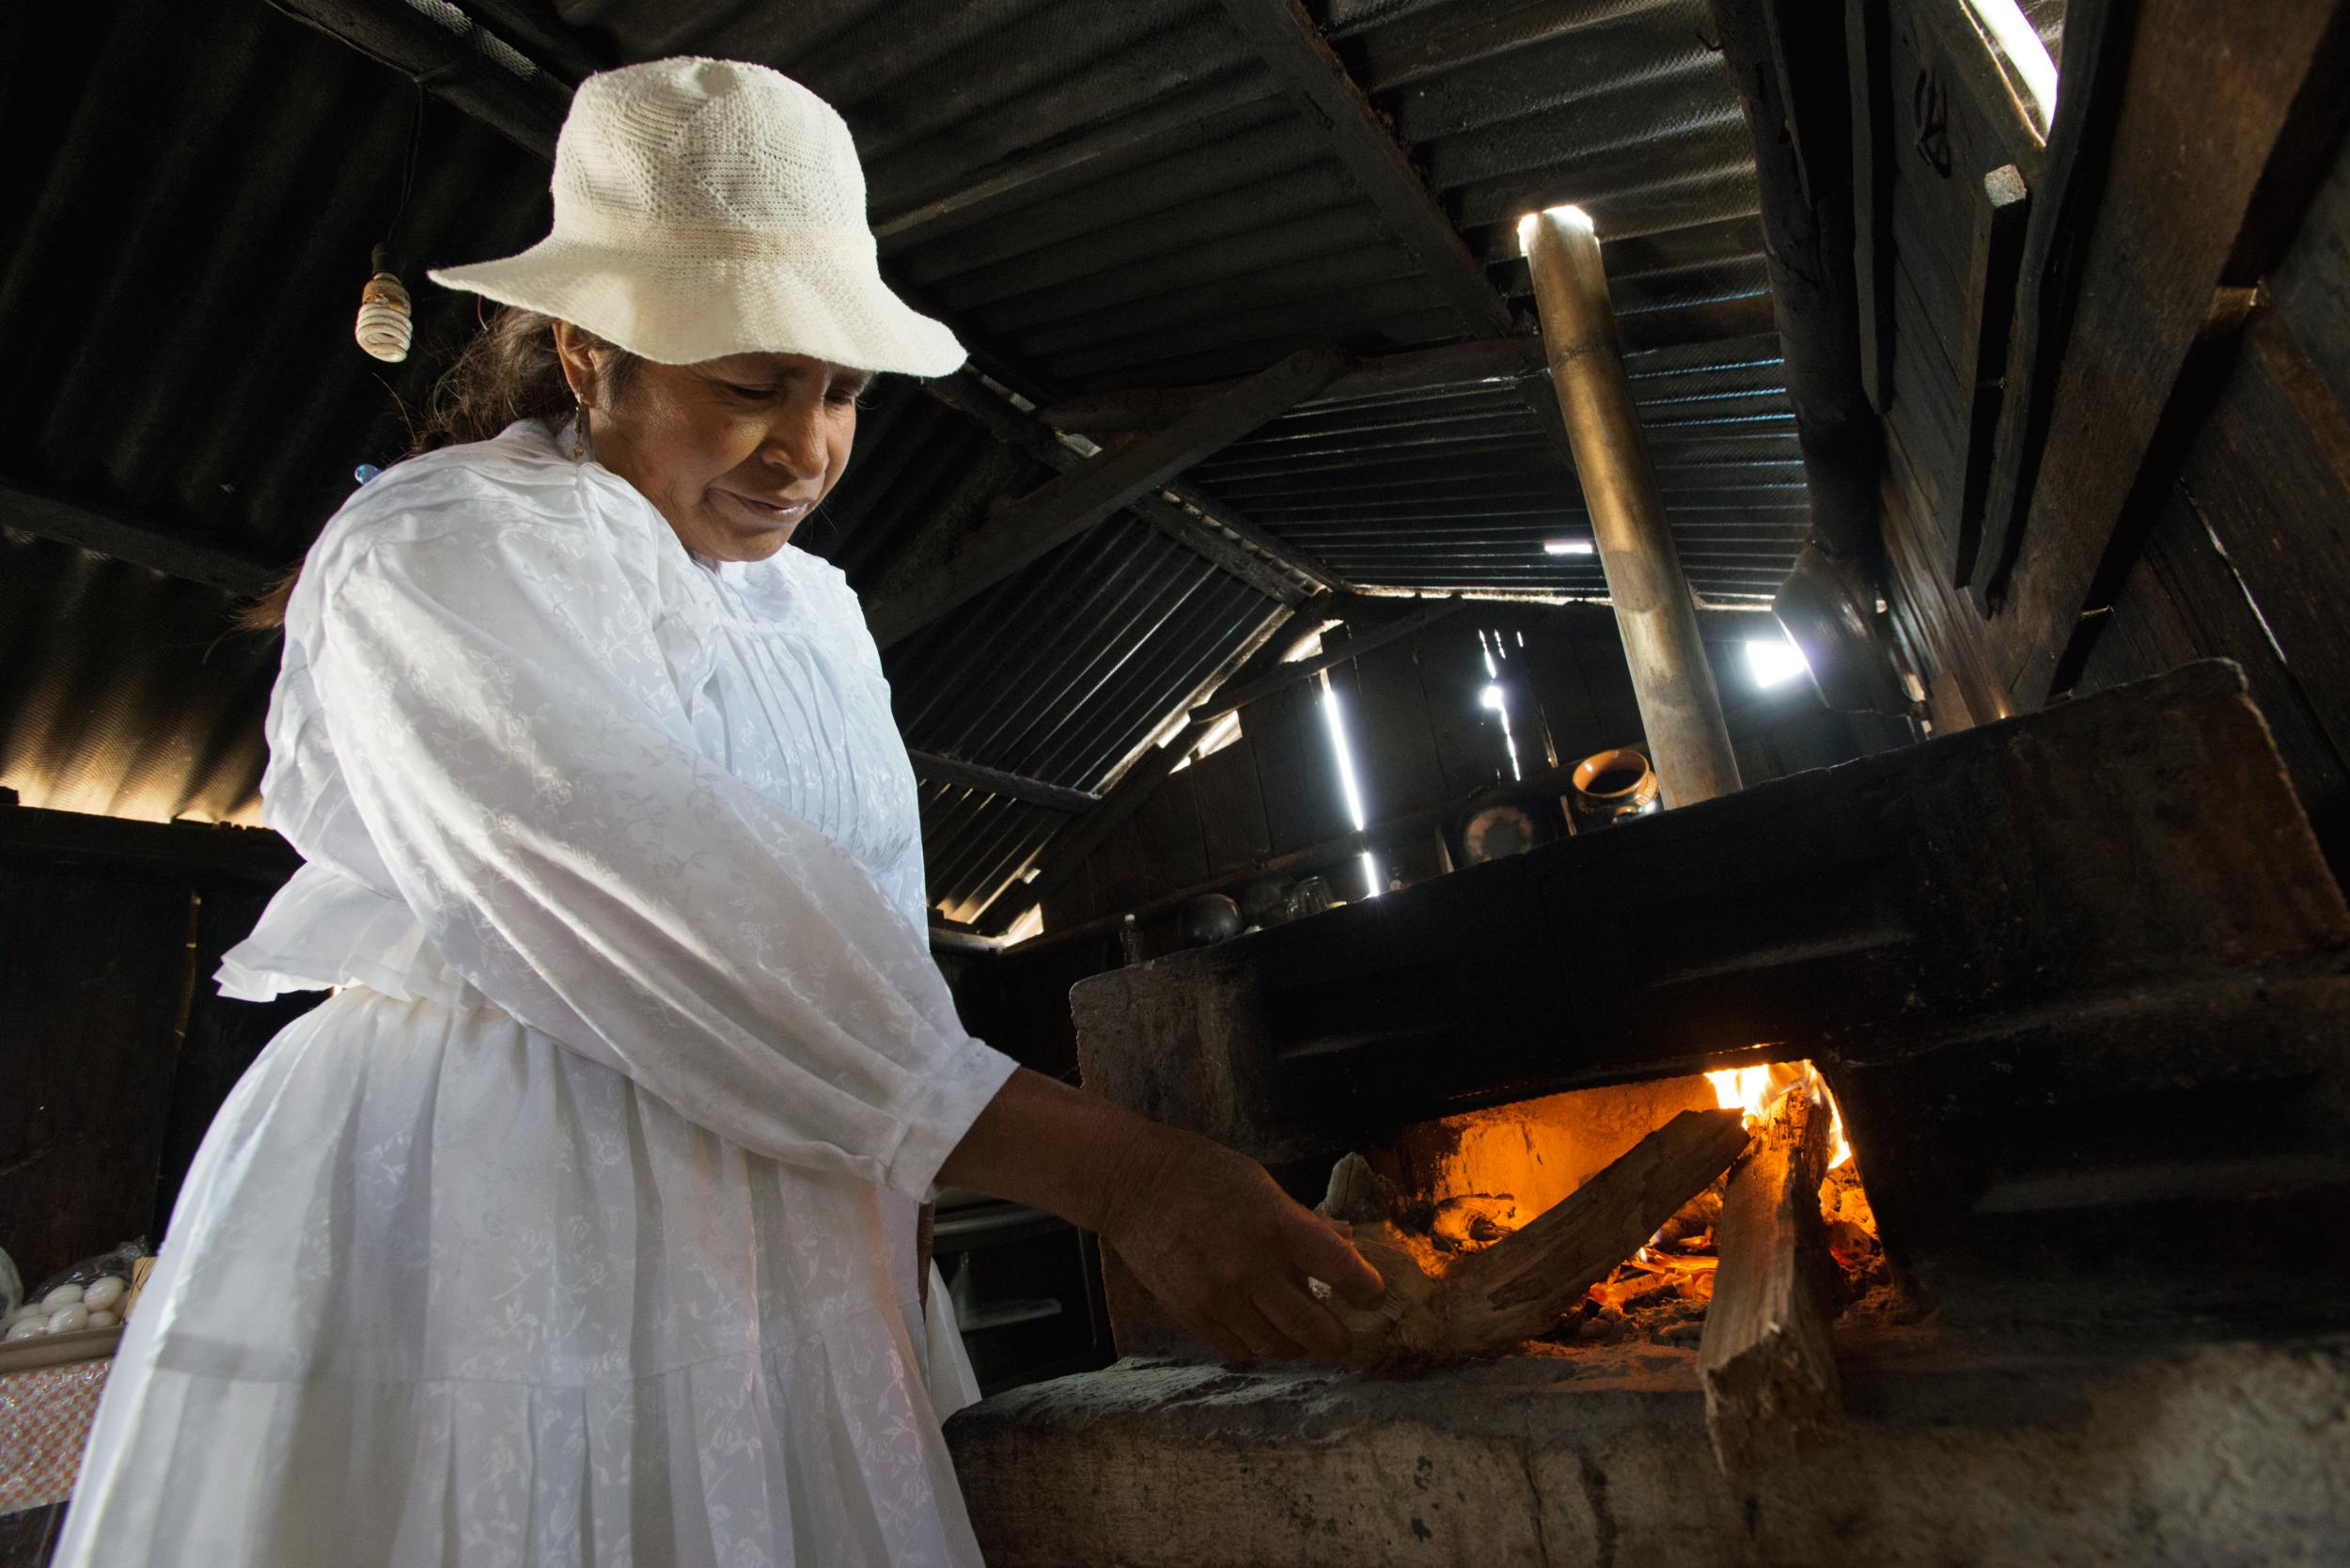 Proyectos Extra - Además de mejorar la seguridad alimentaria también hemos otorgado proyectos que de manera integral, mejoran la calidad de vida de las familias beneficiadas. Estos proyectos son: 8 Centros de estimulación oportuna, 1 banco de semillas, 9 cocinas comunitarias, 78 silos y 130 estufas ecológicas.